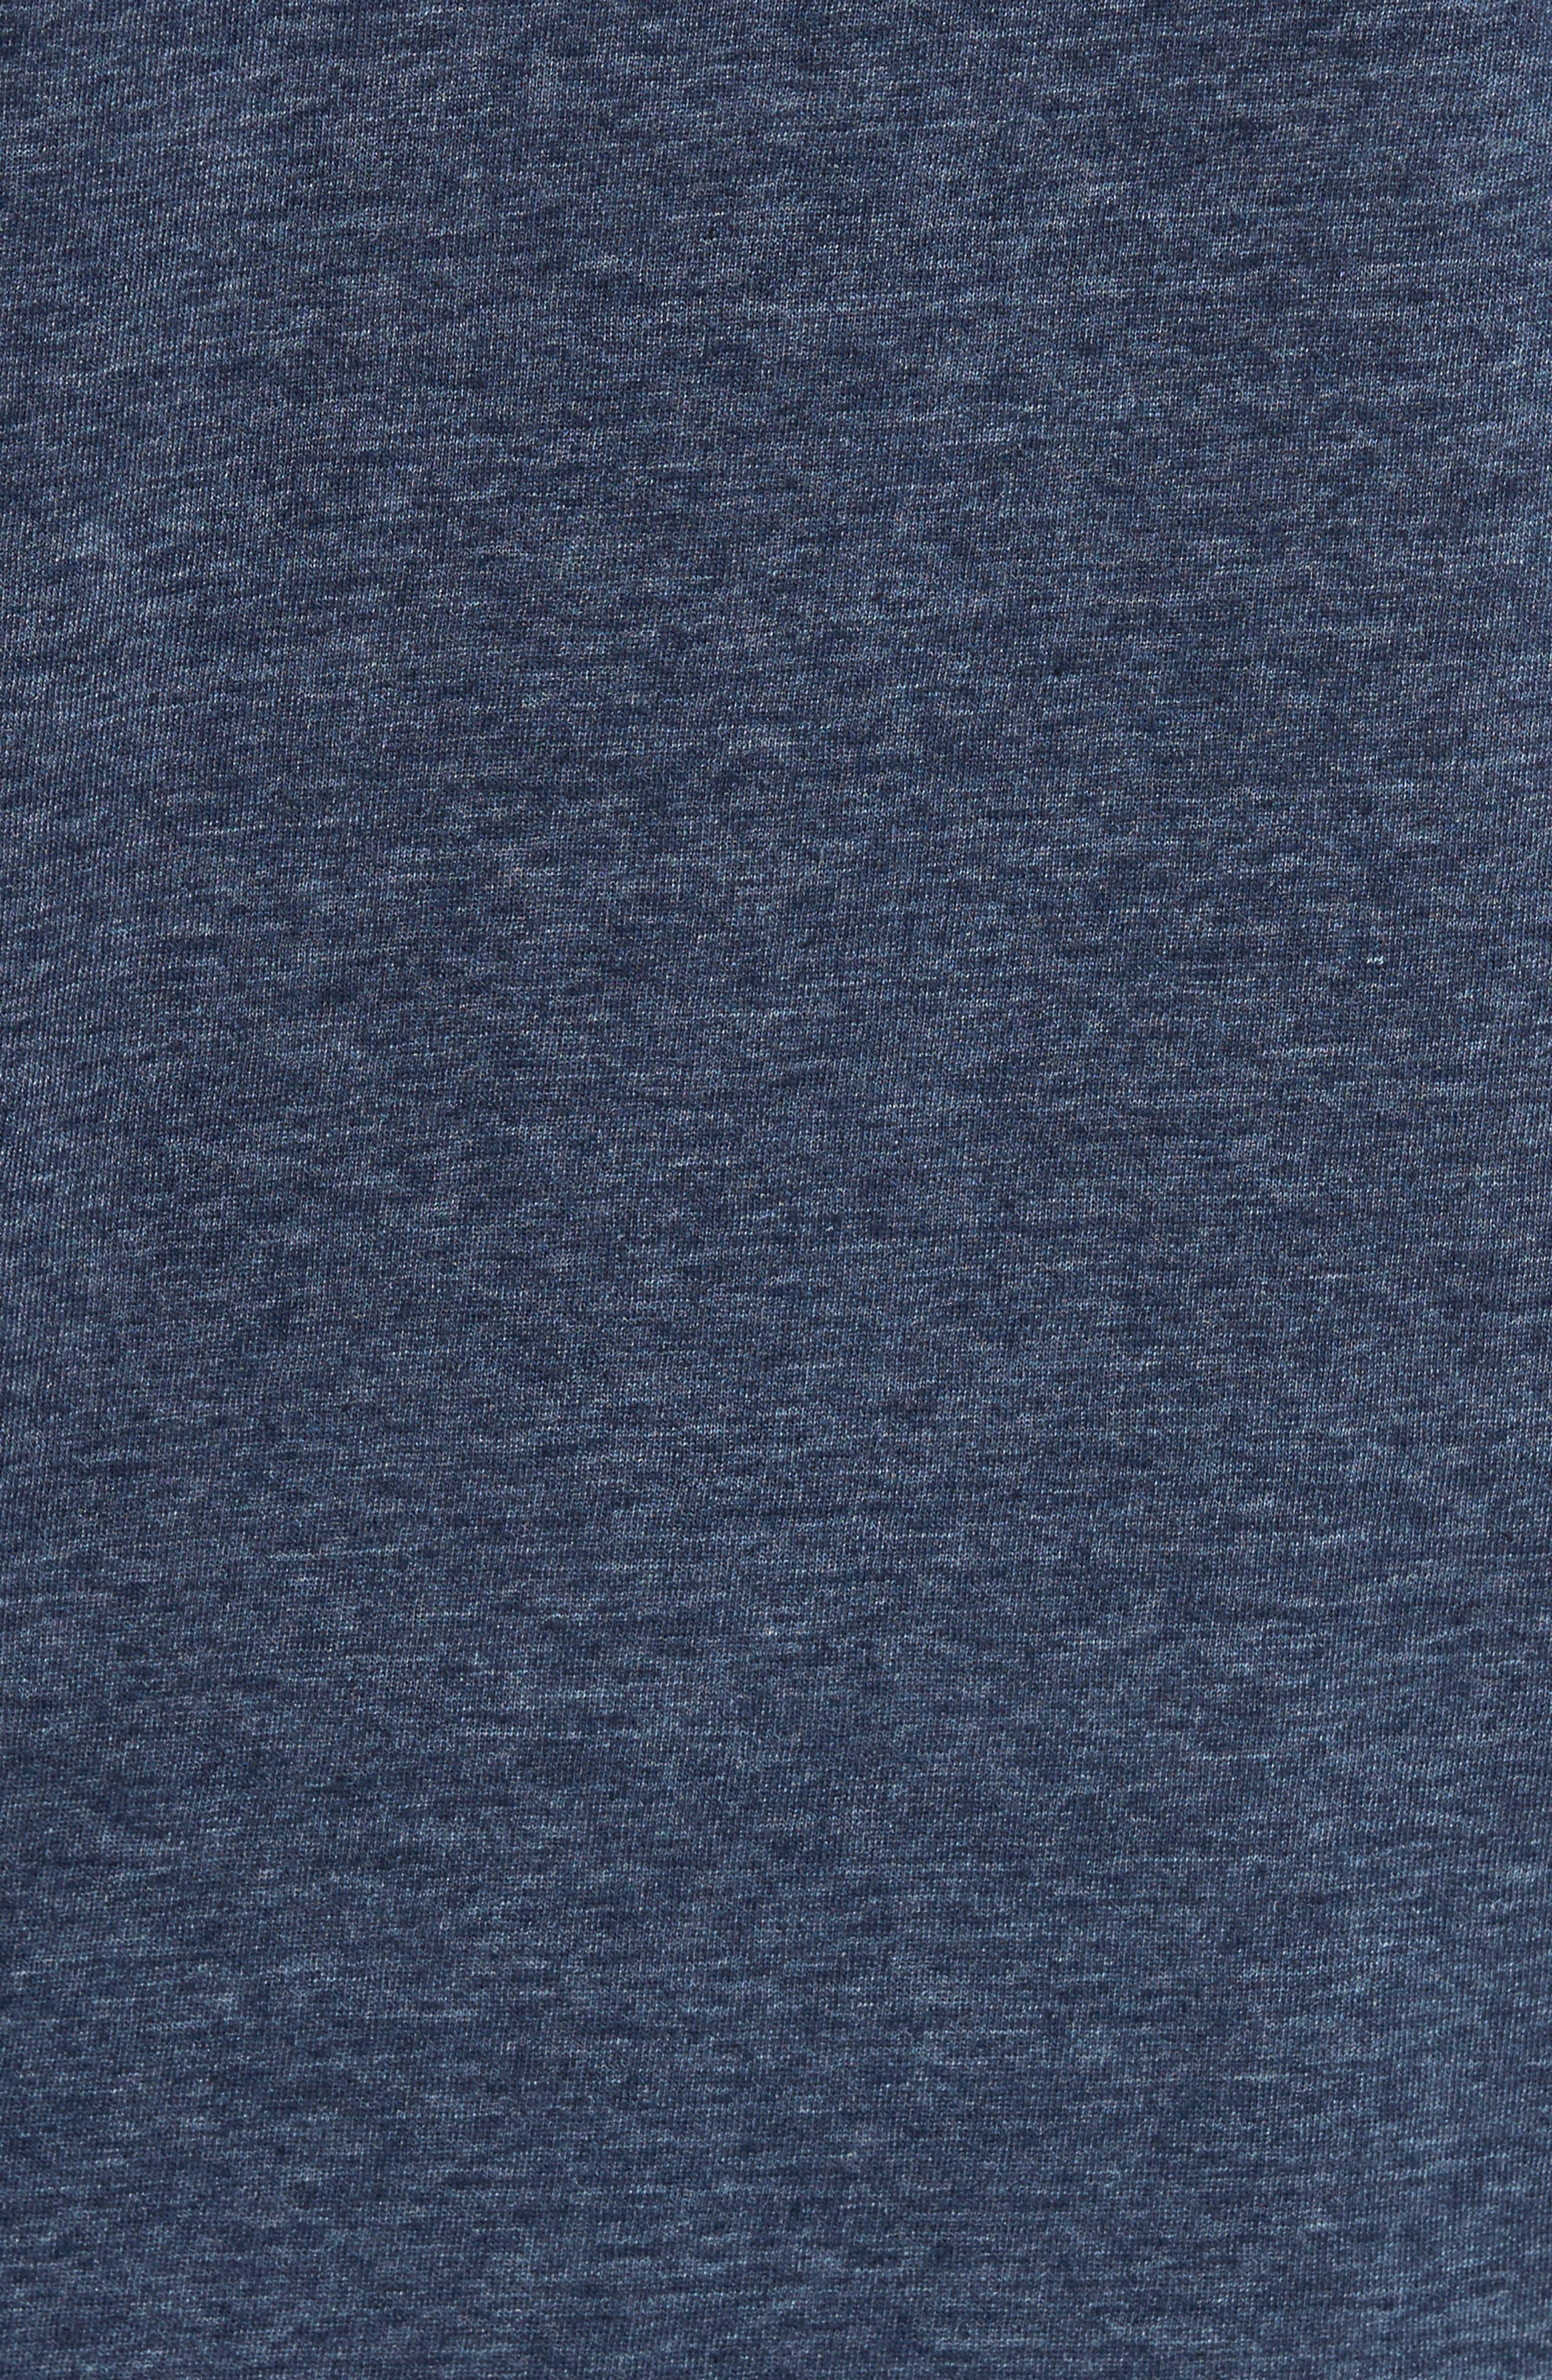 Alternate Image 5  - Surfside Supply Long Sleeve Henley